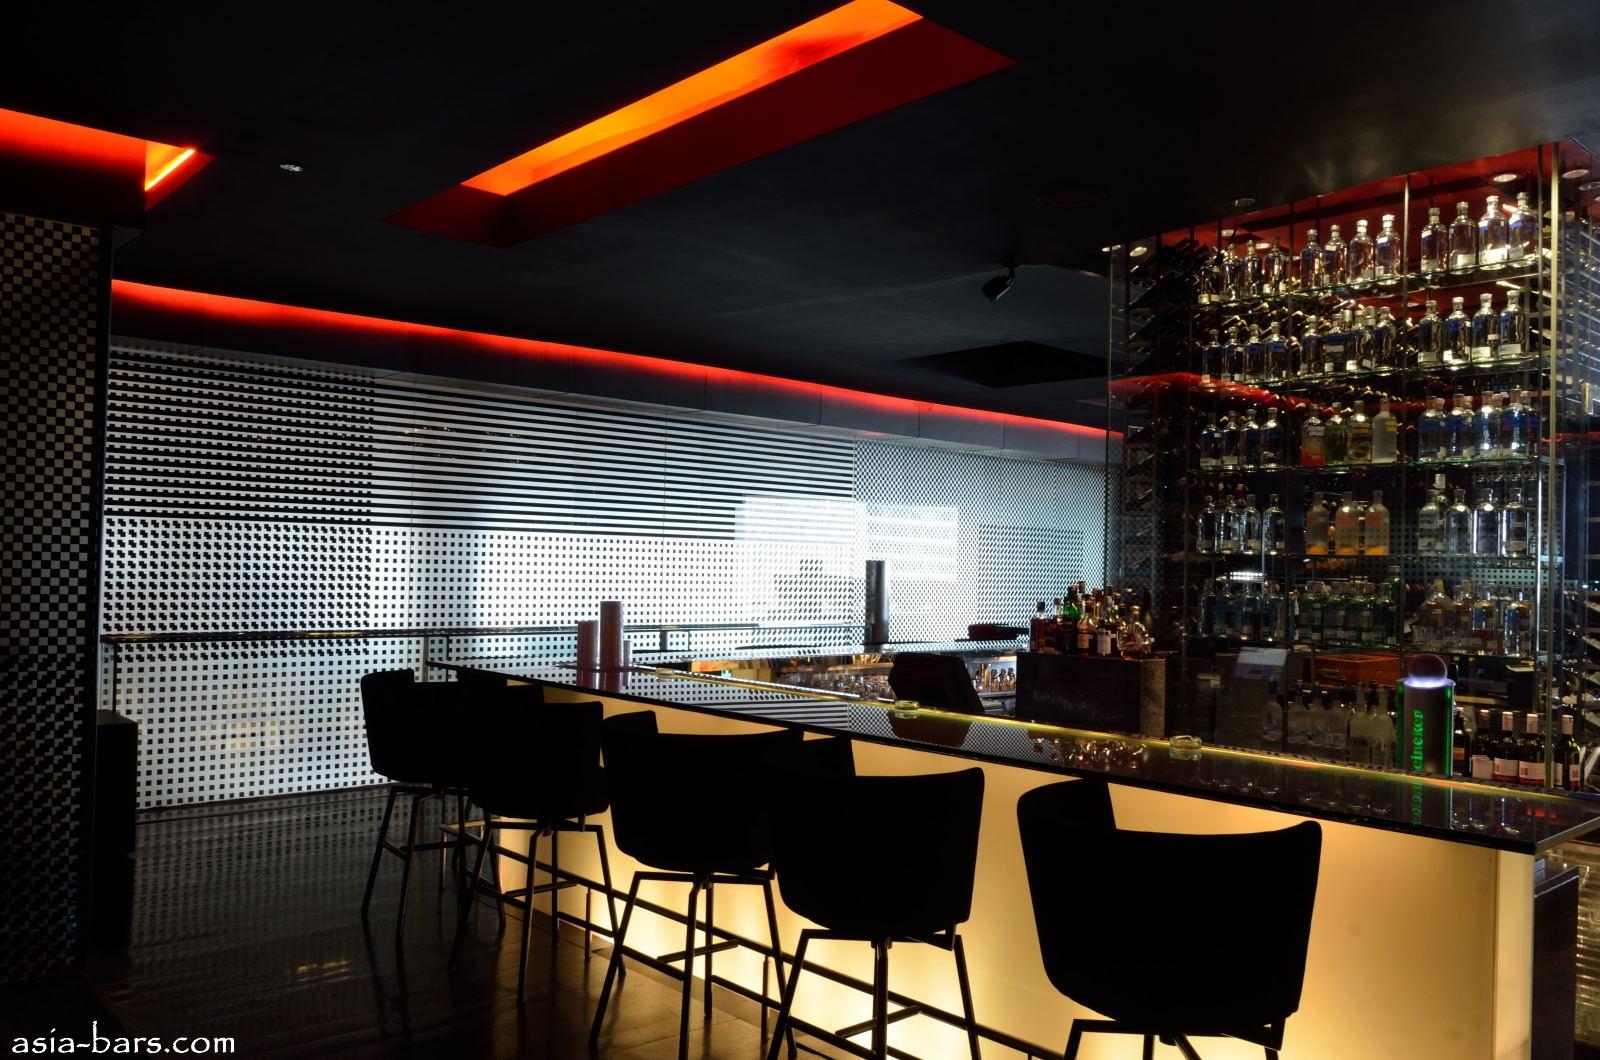 burgundy @ Grand Hyatt Jakarta- singularly stylish and sleek bar ...